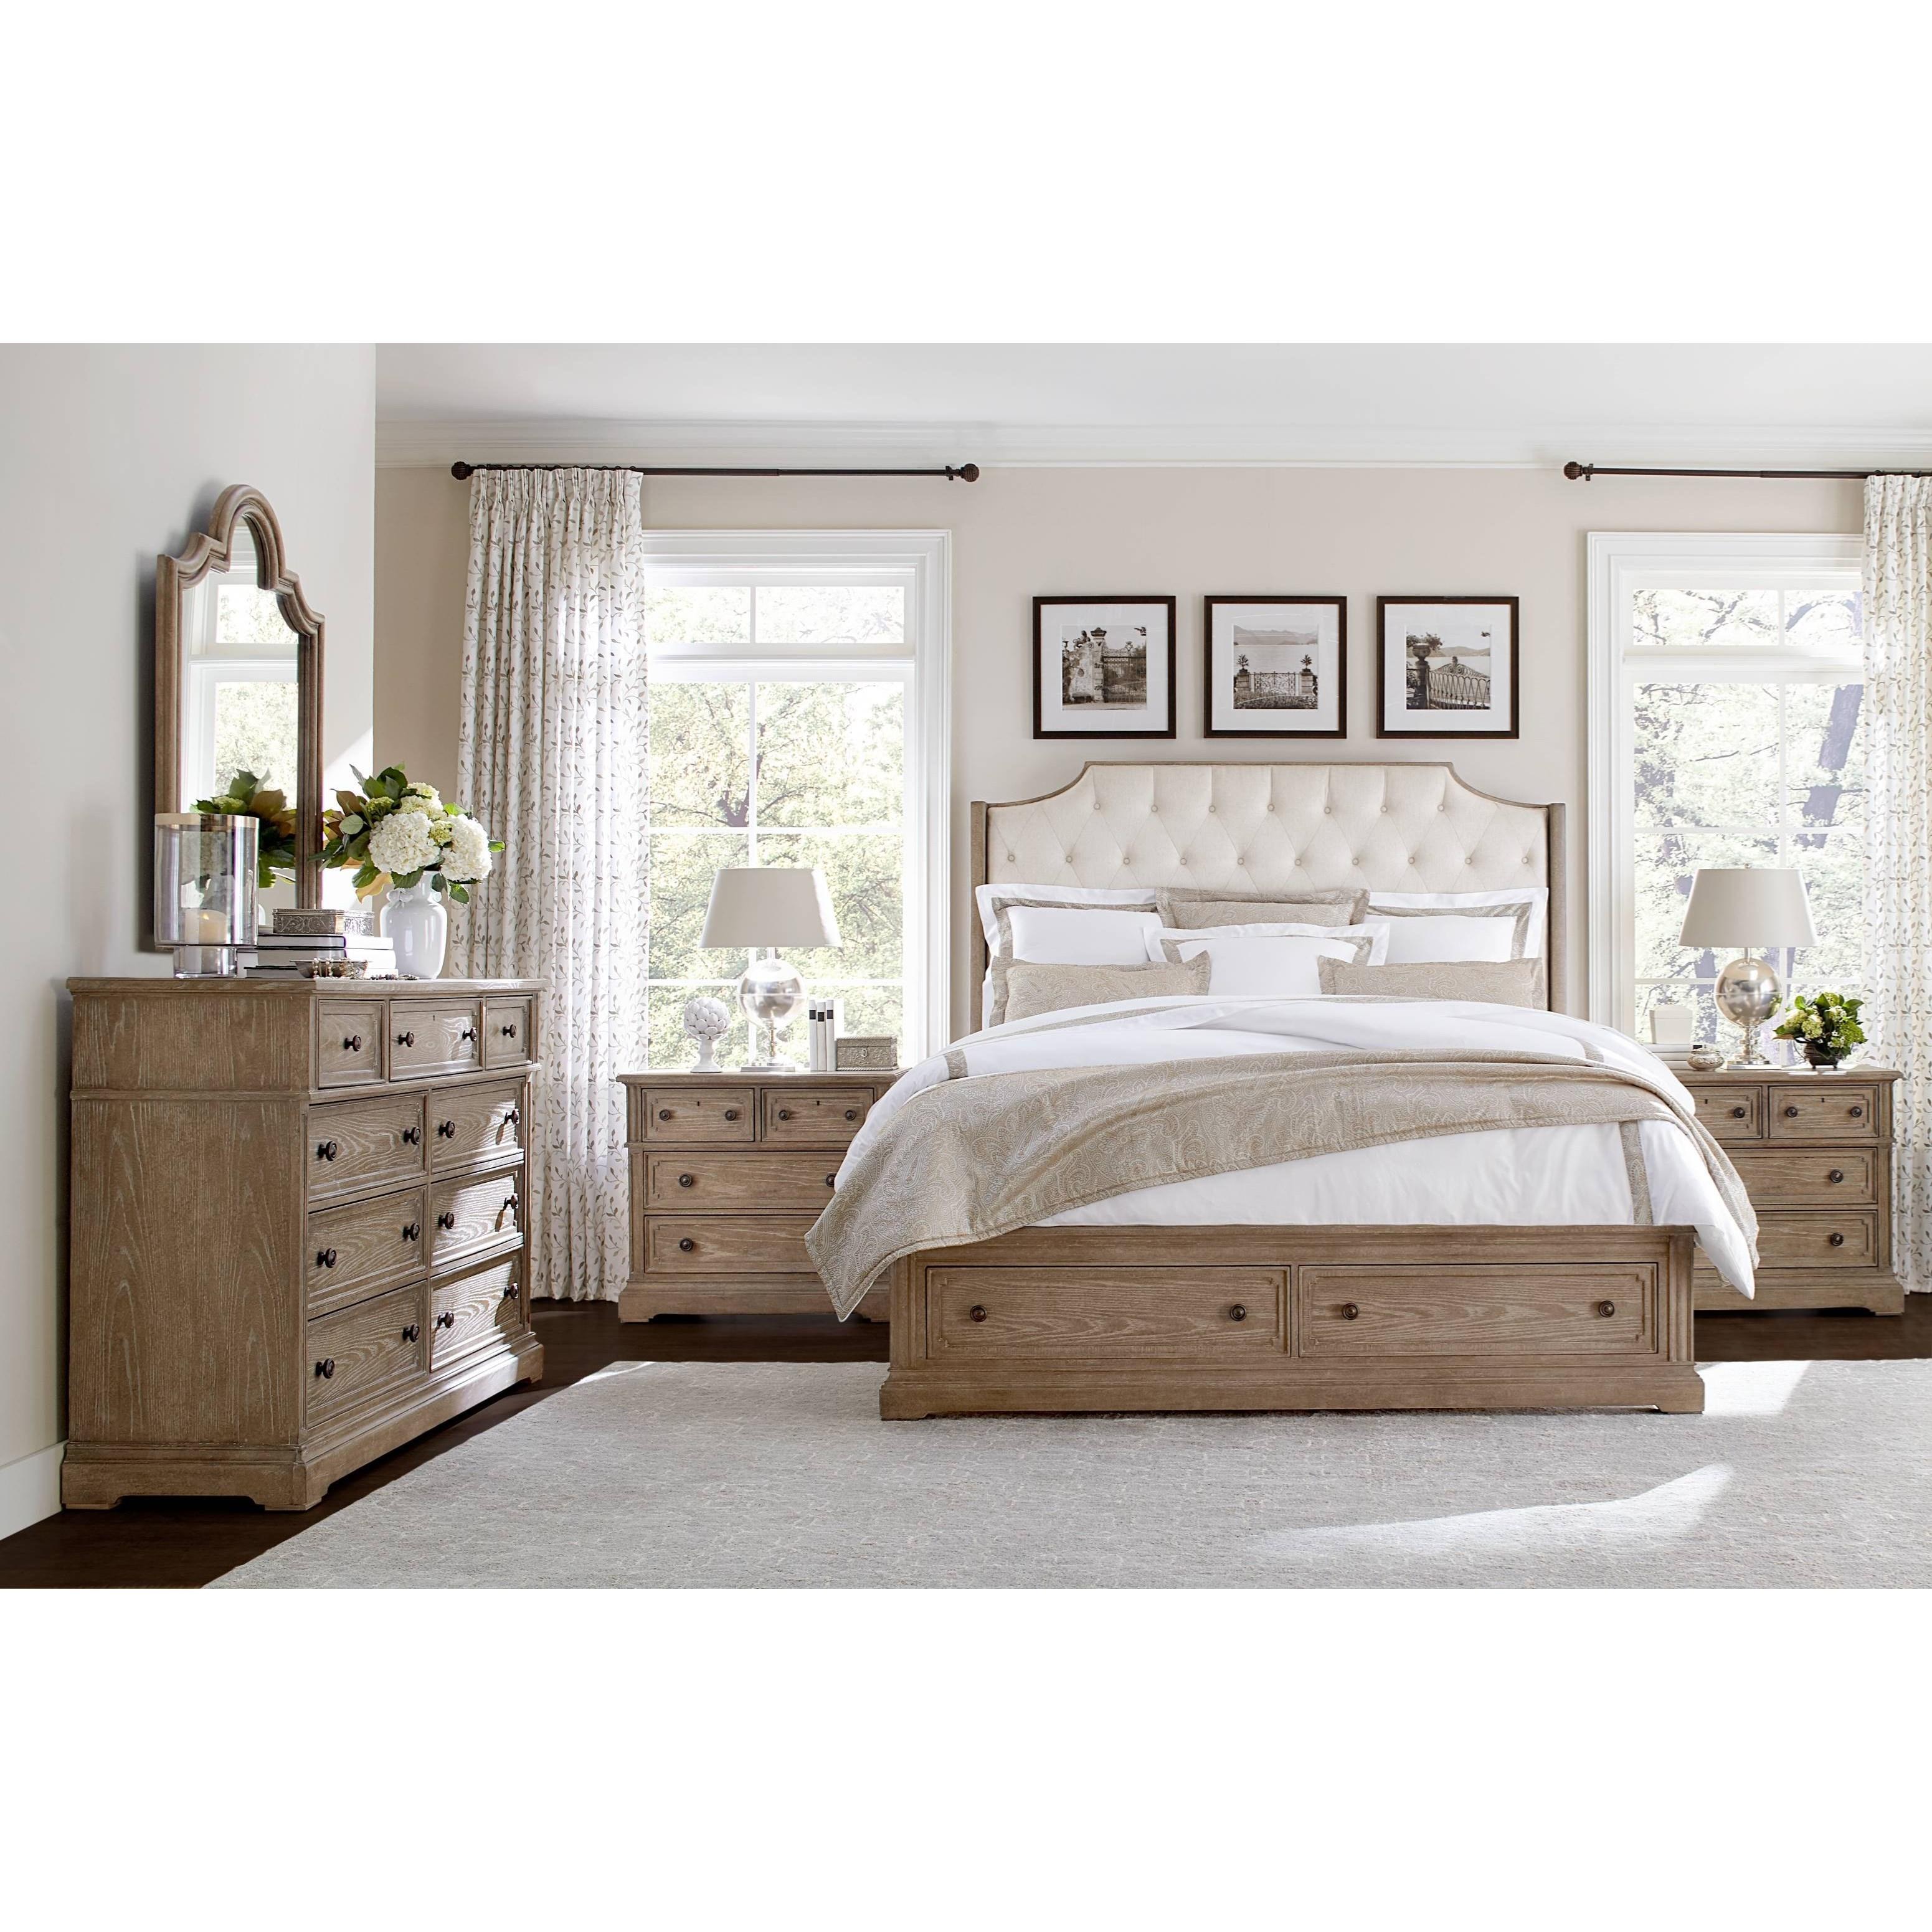 Stanley furniture wethersfield estate queen bedroom group belfort furniture bedroom groups for Stanley furniture bedroom set